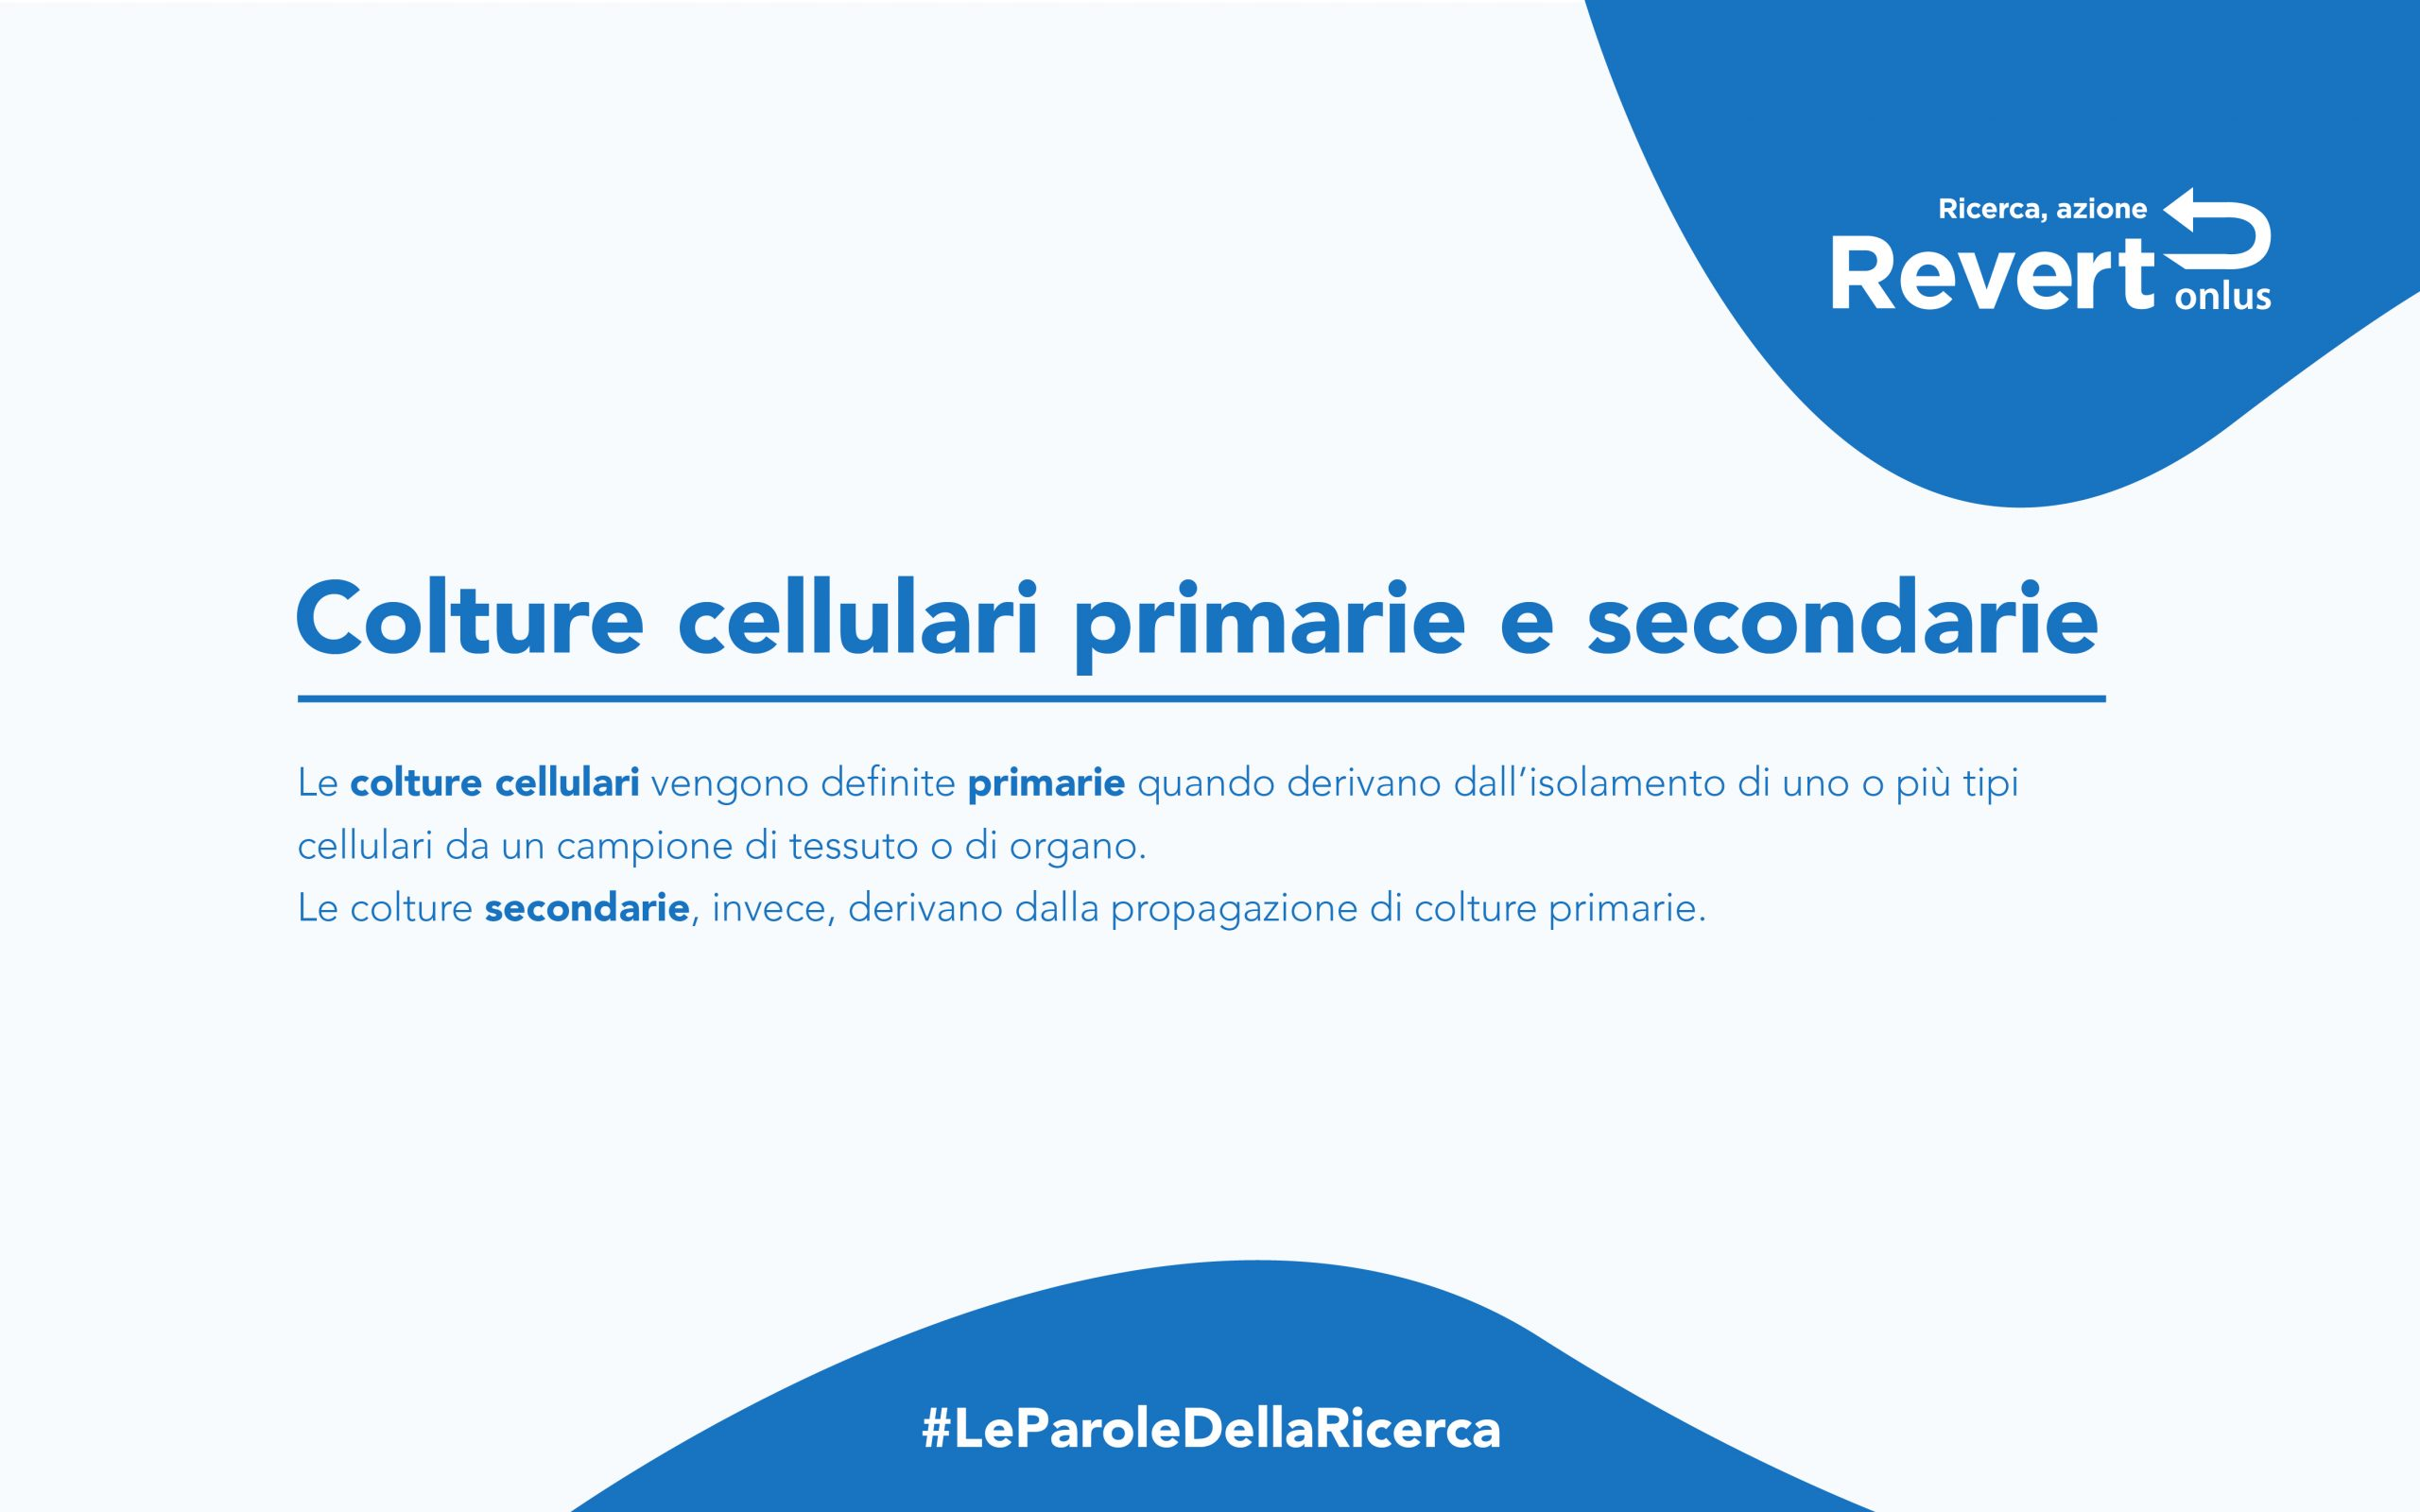 culture cellulari primarie secondarie